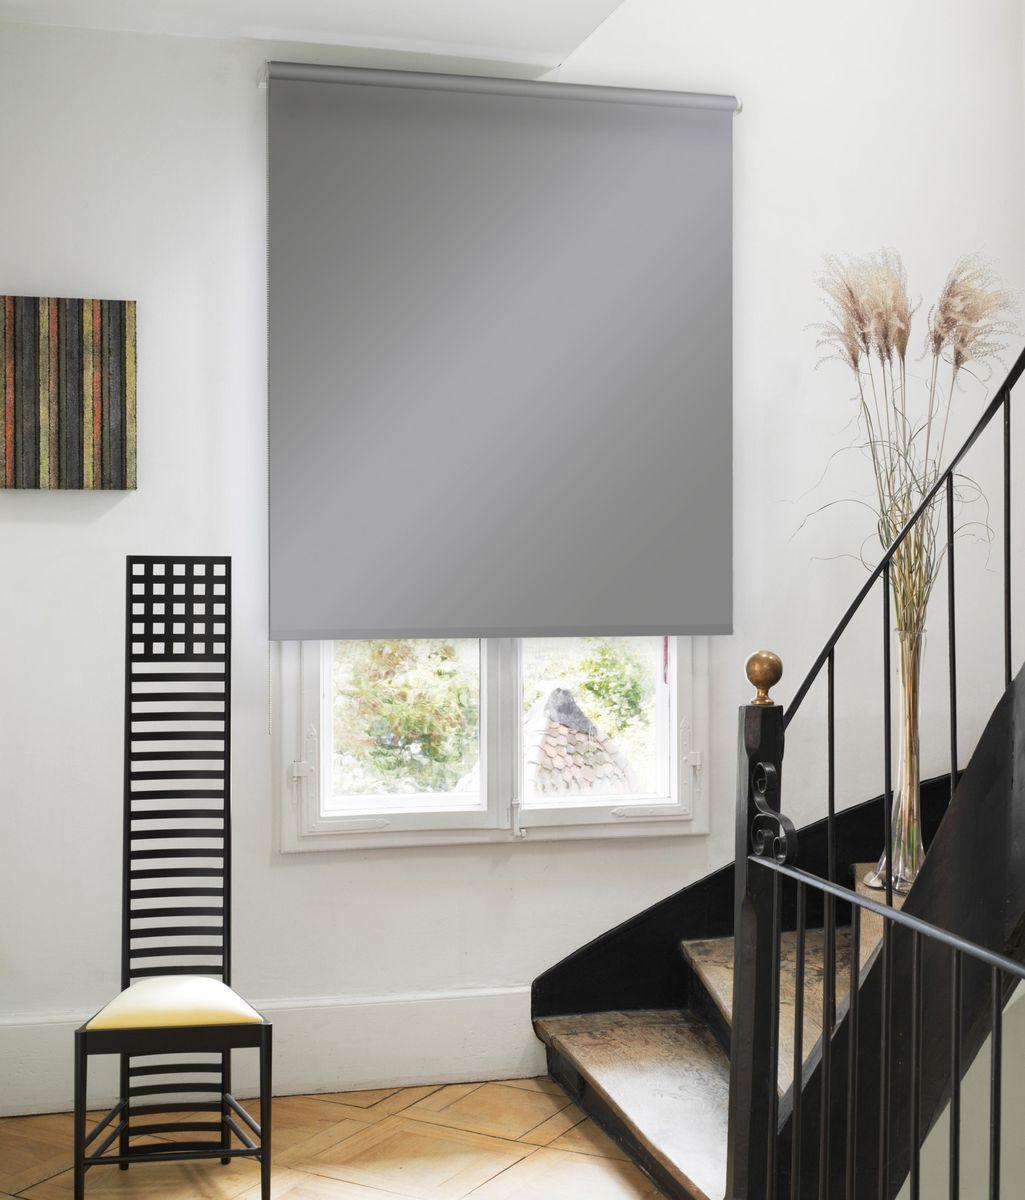 Штора рулонная Эскар, цвет: серый, ширина 120 см, высота 170 см81020120170Рулонными шторами можно оформлять окна как самостоятельно, так и использовать в комбинации с портьерами. Это поможет предотвратить выгорание дорогой ткани на солнце и соединит функционал рулонных с красотой навесных. Преимущества применения рулонных штор для пластиковых окон: - имеют прекрасный внешний вид: многообразие и фактурность материала изделия отлично смотрятся в любом интерьере; - многофункциональны: есть возможность подобрать шторы способные эффективно защитить комнату от солнца, при этом она не будет слишком темной. - Есть возможность осуществить быстрый монтаж. ВНИМАНИЕ! Размеры ширины изделия указаны по ширине ткани! Во время эксплуатации не рекомендуется полностью разматывать рулон, чтобы не оторвать ткань от намоточного вала. В случае загрязнения поверхности ткани, чистку шторы проводят одним из способов, в зависимости от типа загрязнения: легкое поверхностное загрязнение можно удалить при помощи канцелярского ластика; чистка от пыли производится сухим методом при...